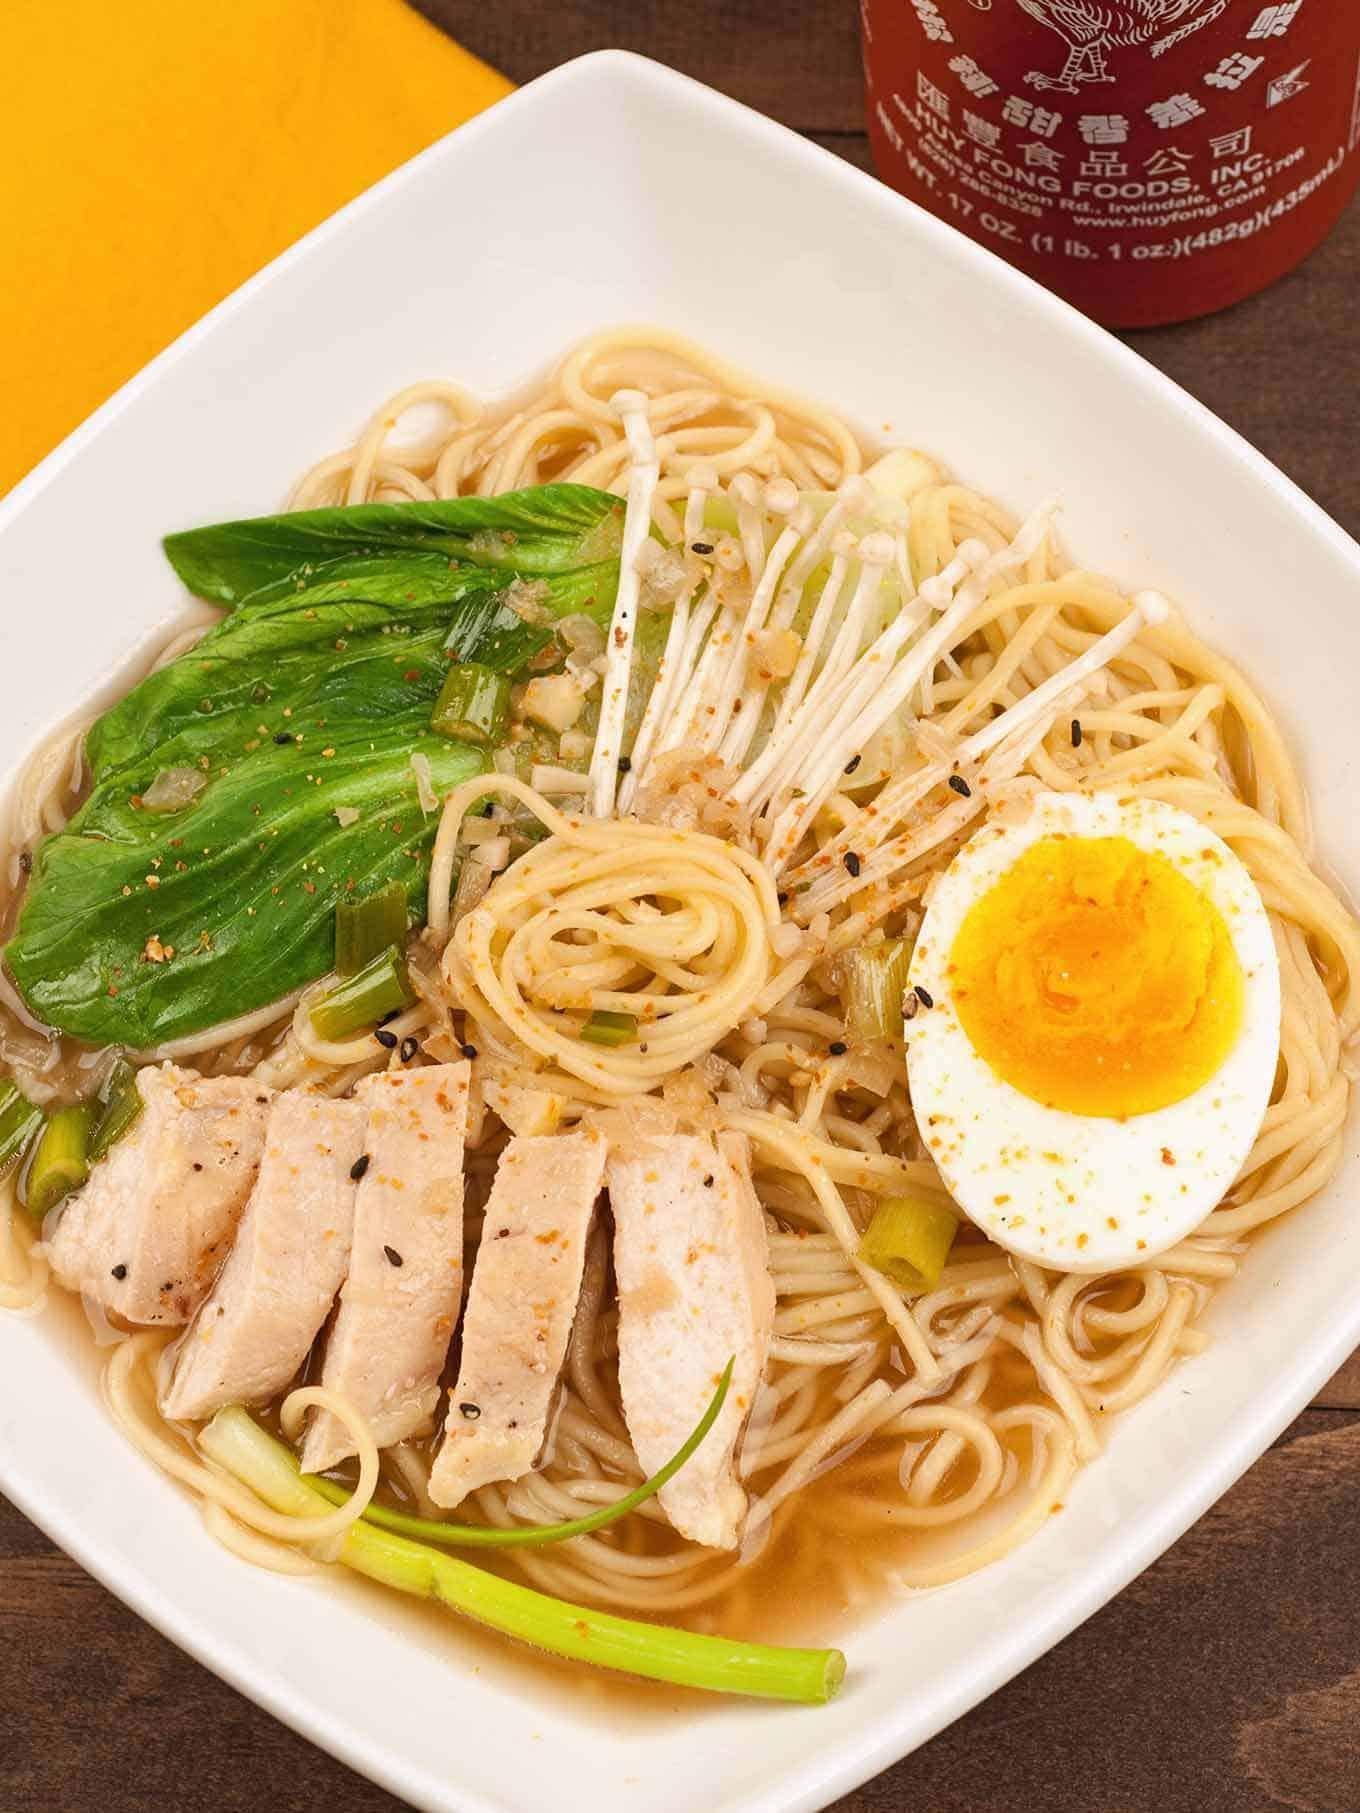 「noodle」的圖片搜尋結果